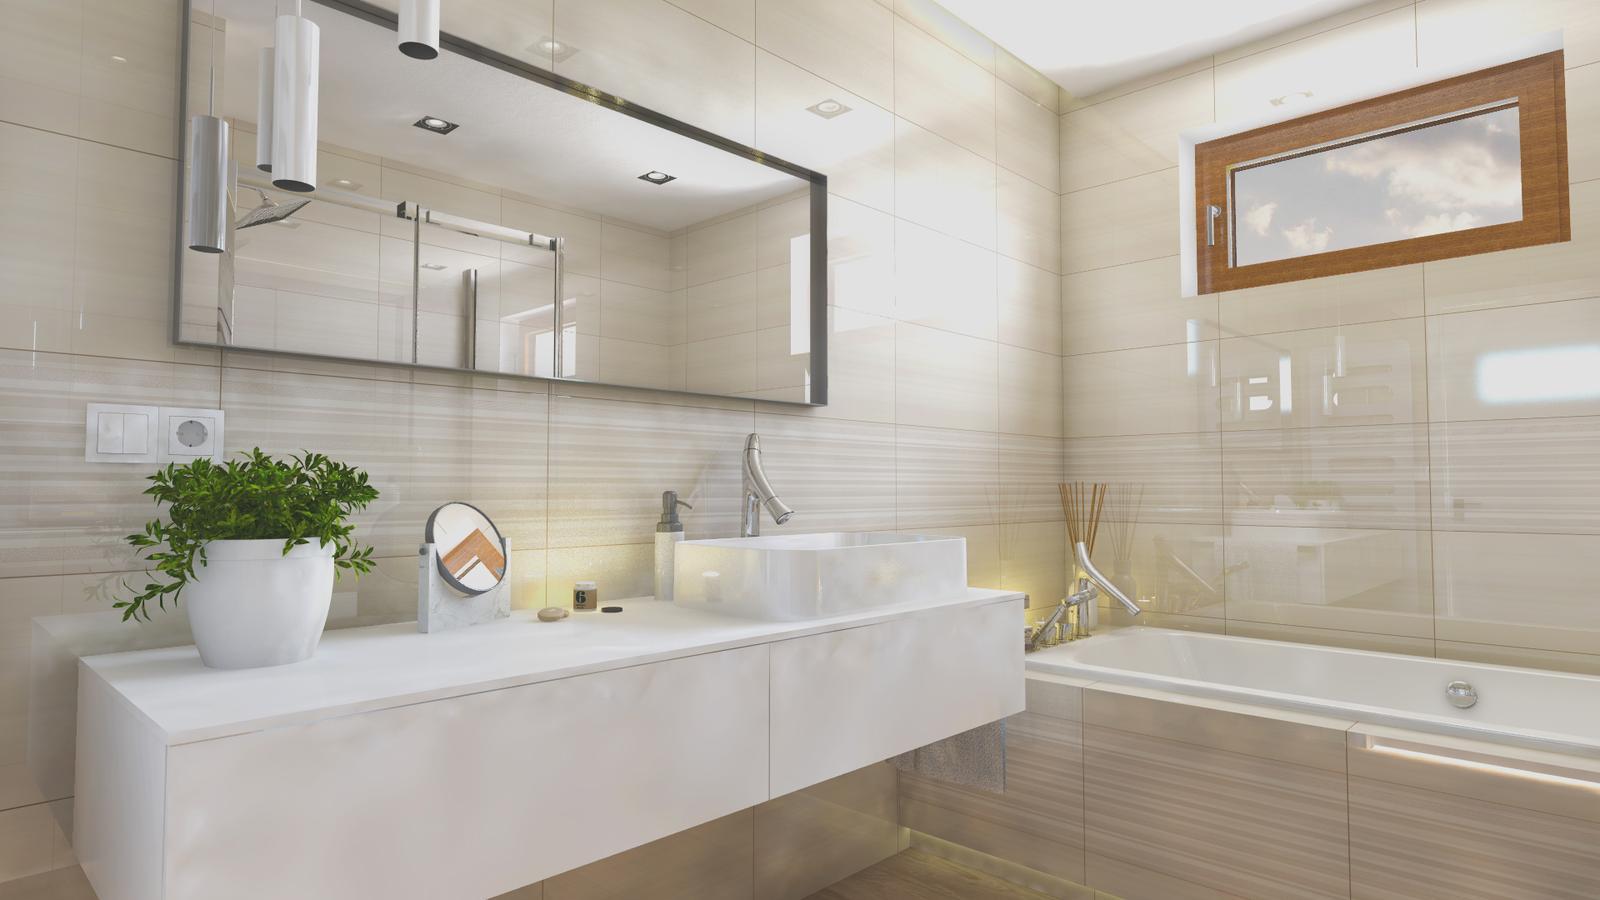 Vizualizácie kúpeľne - Vizualizácia kúpeľne Linear